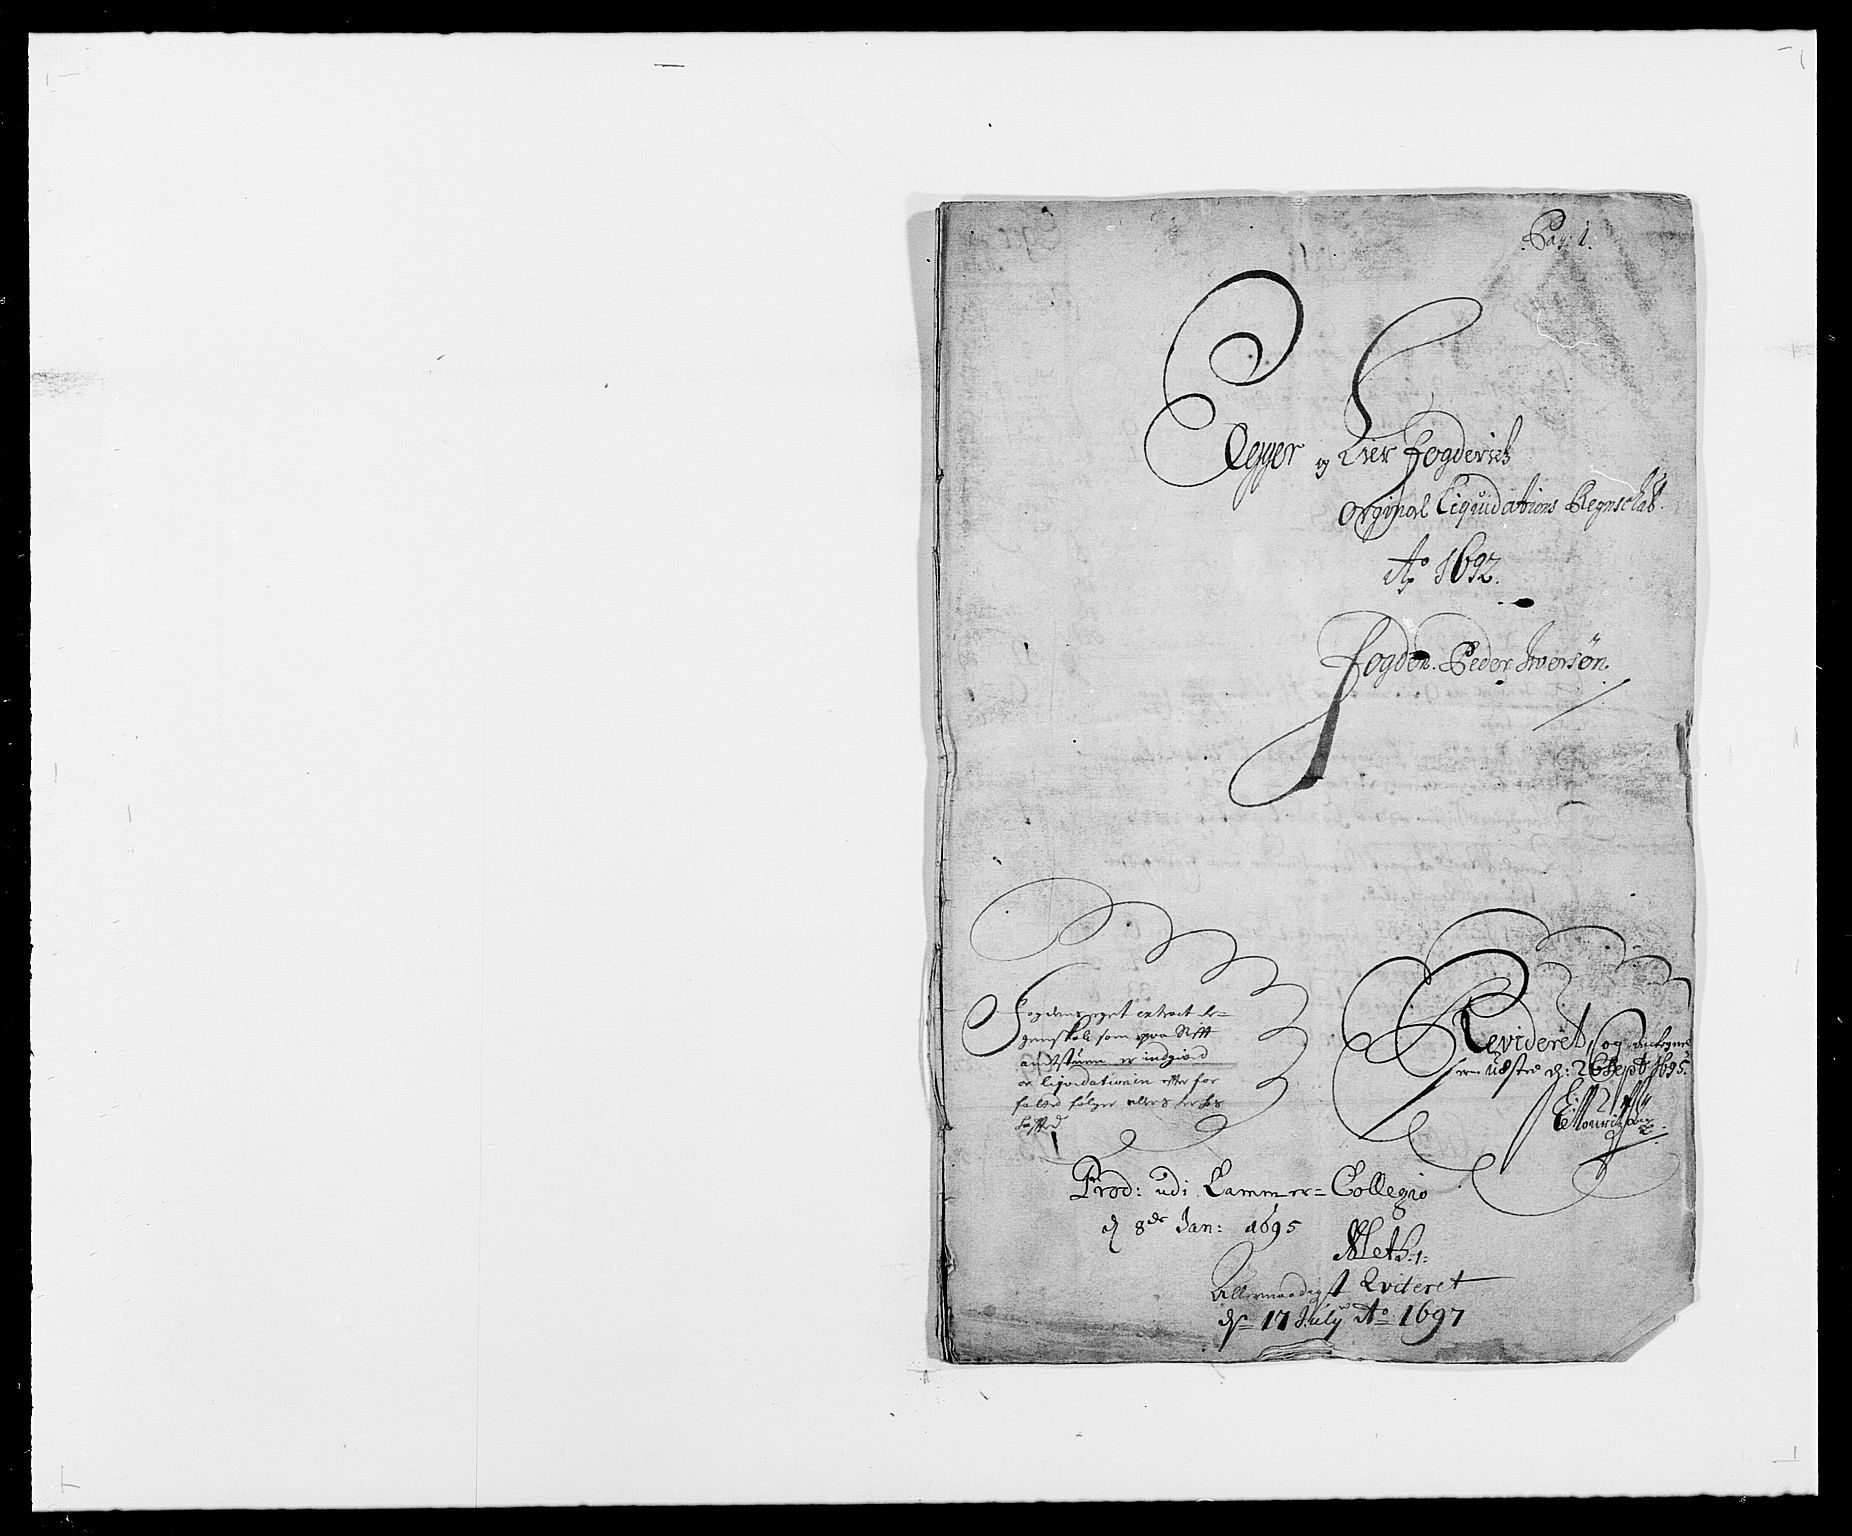 RA, Rentekammeret inntil 1814, Reviderte regnskaper, Fogderegnskap, R28/L1690: Fogderegnskap Eiker og Lier, 1692-1693, s. 1